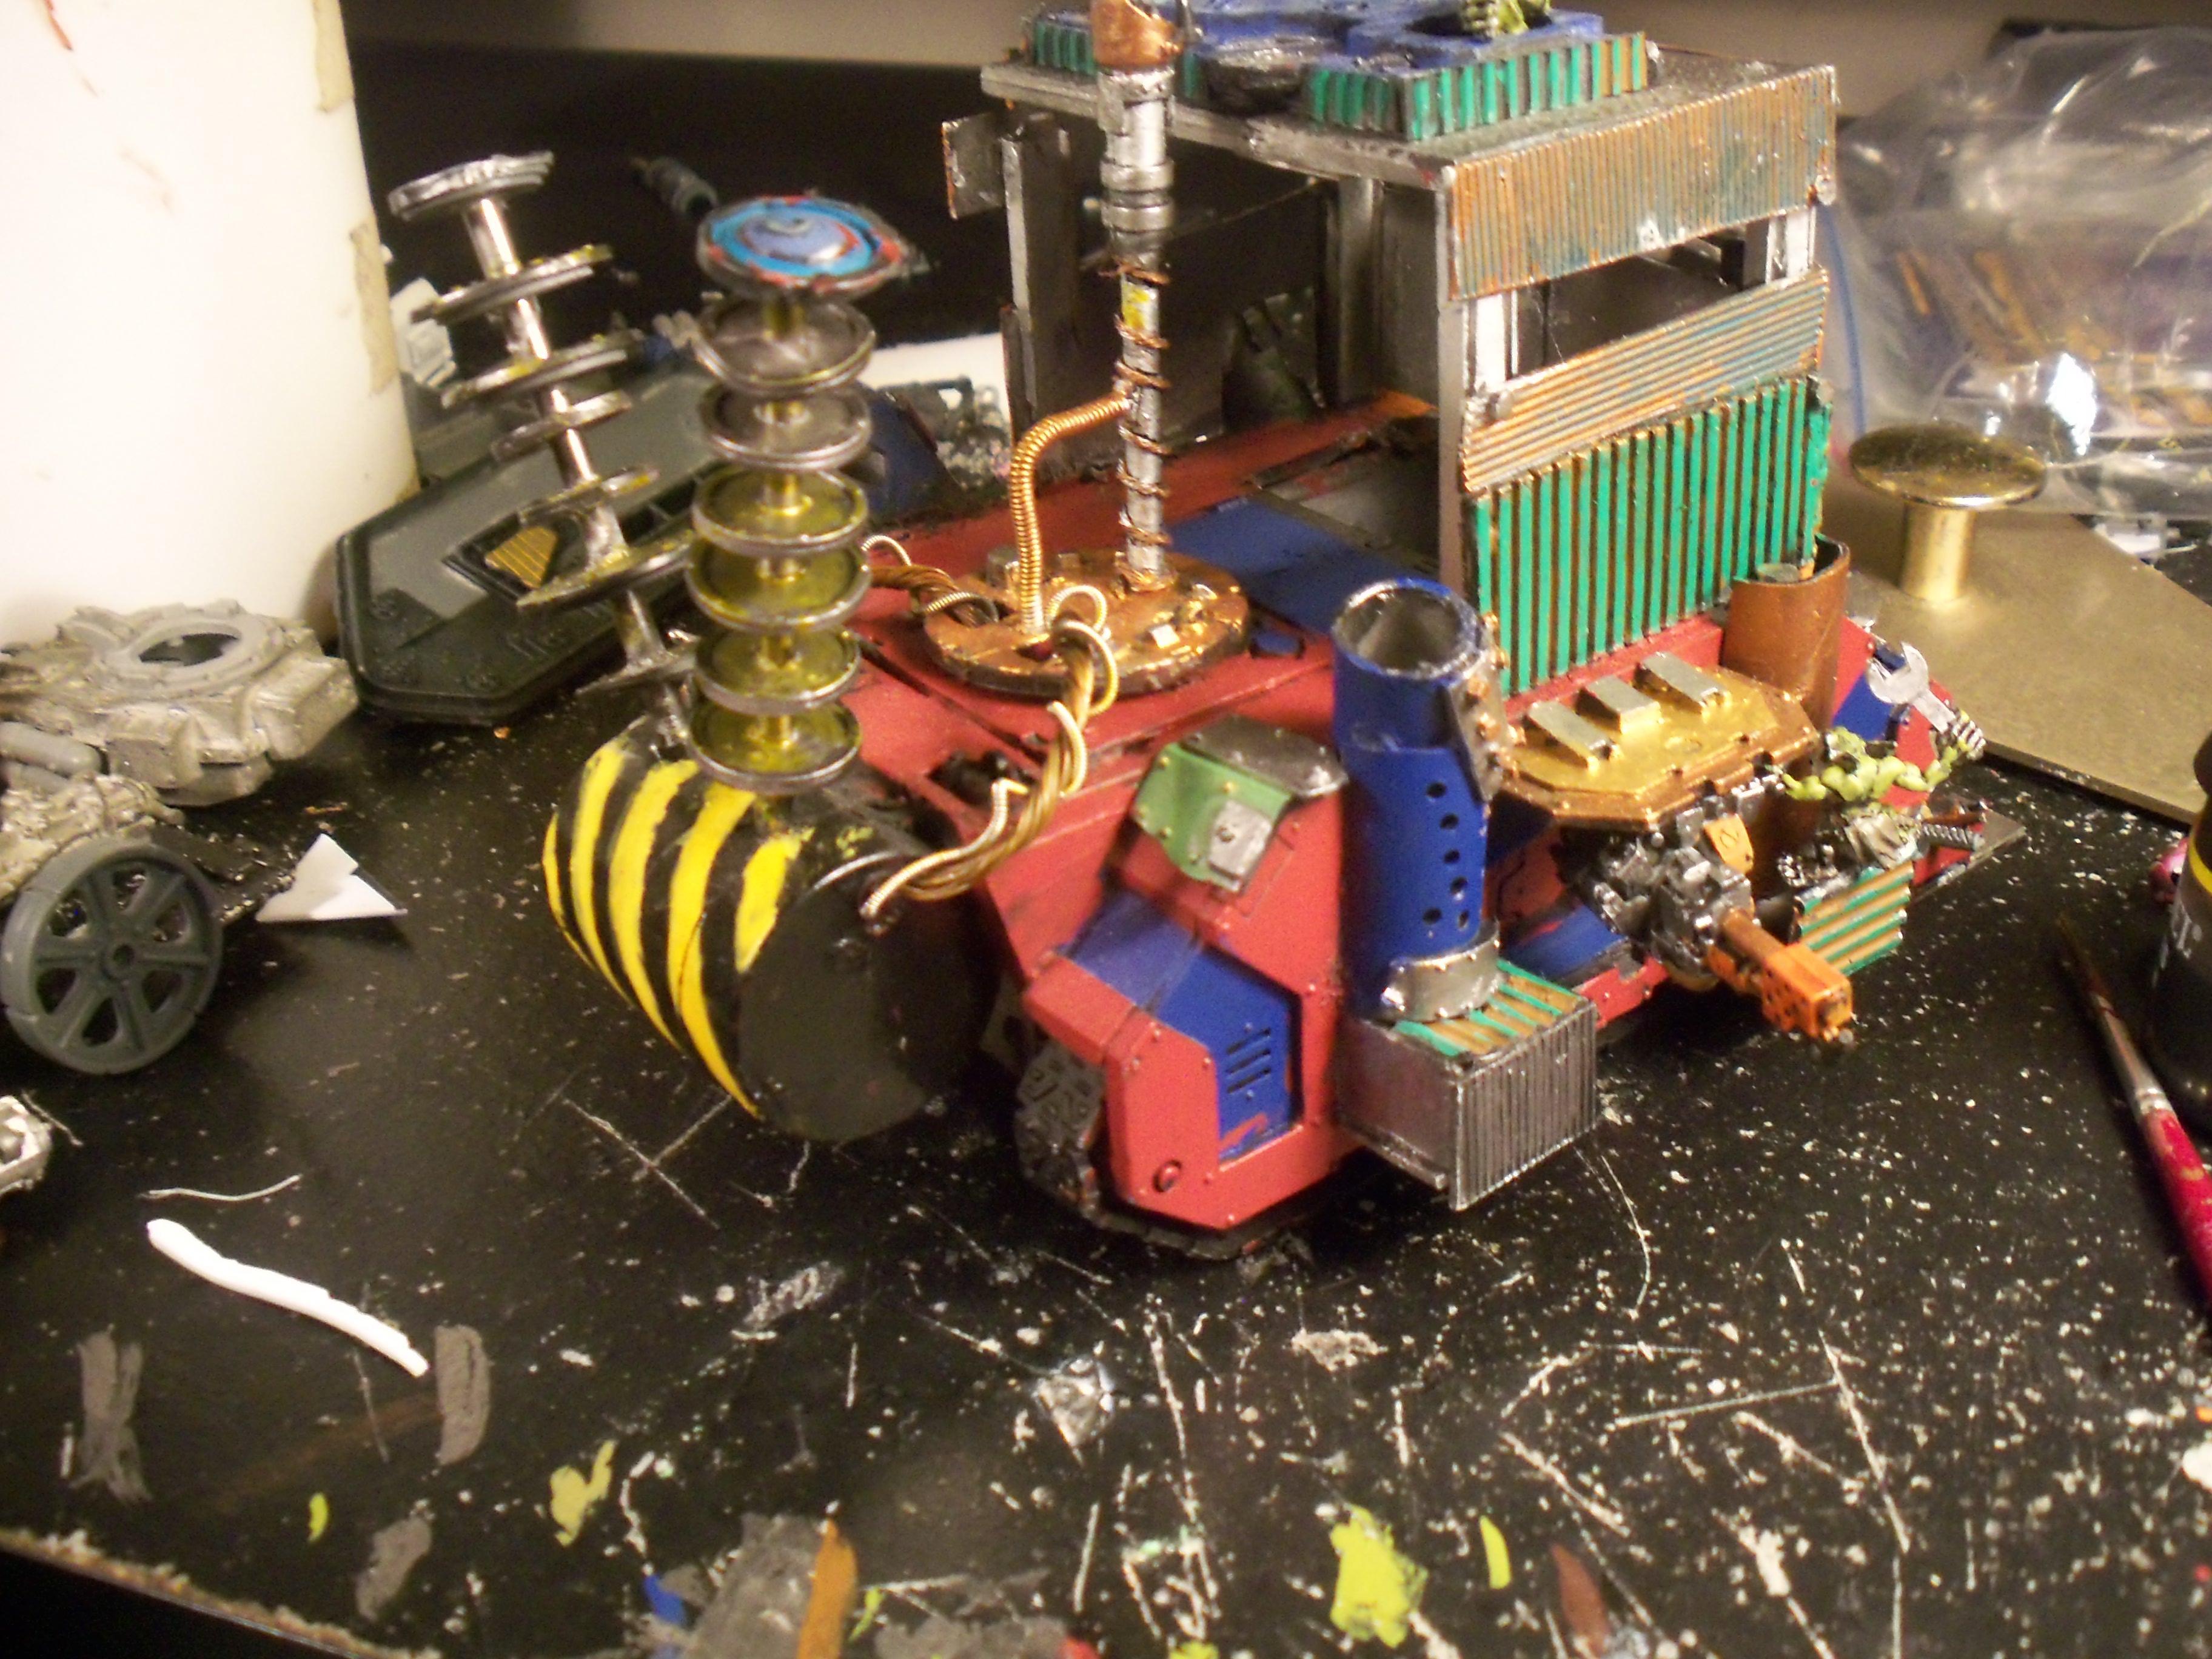 Mekboy Junka, Orks, Mekboy junk side|rear